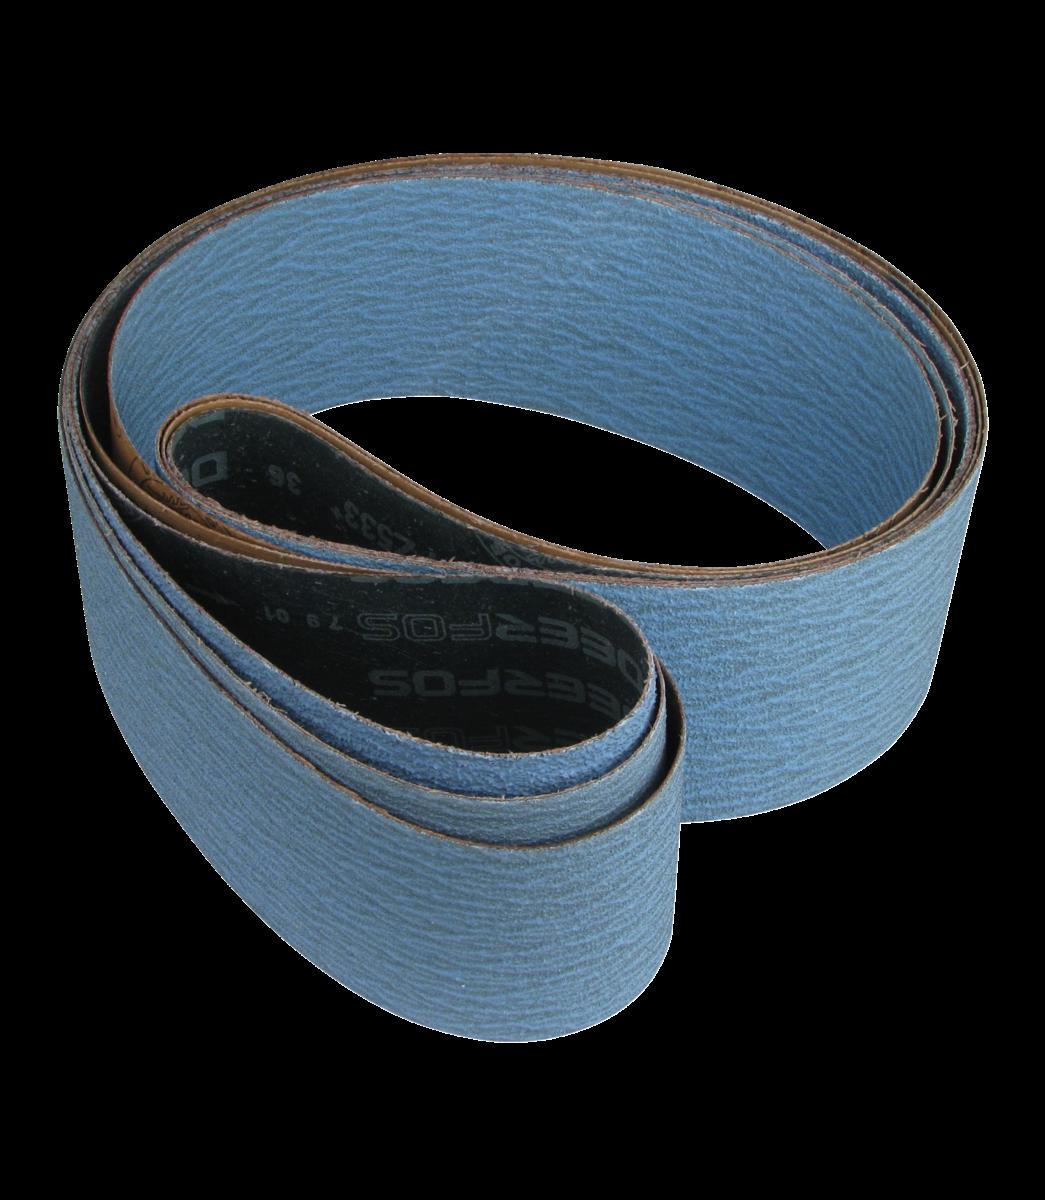 JET — Abrasive Belts (3) for DSAN4 Dual Station Abrasive Notcher